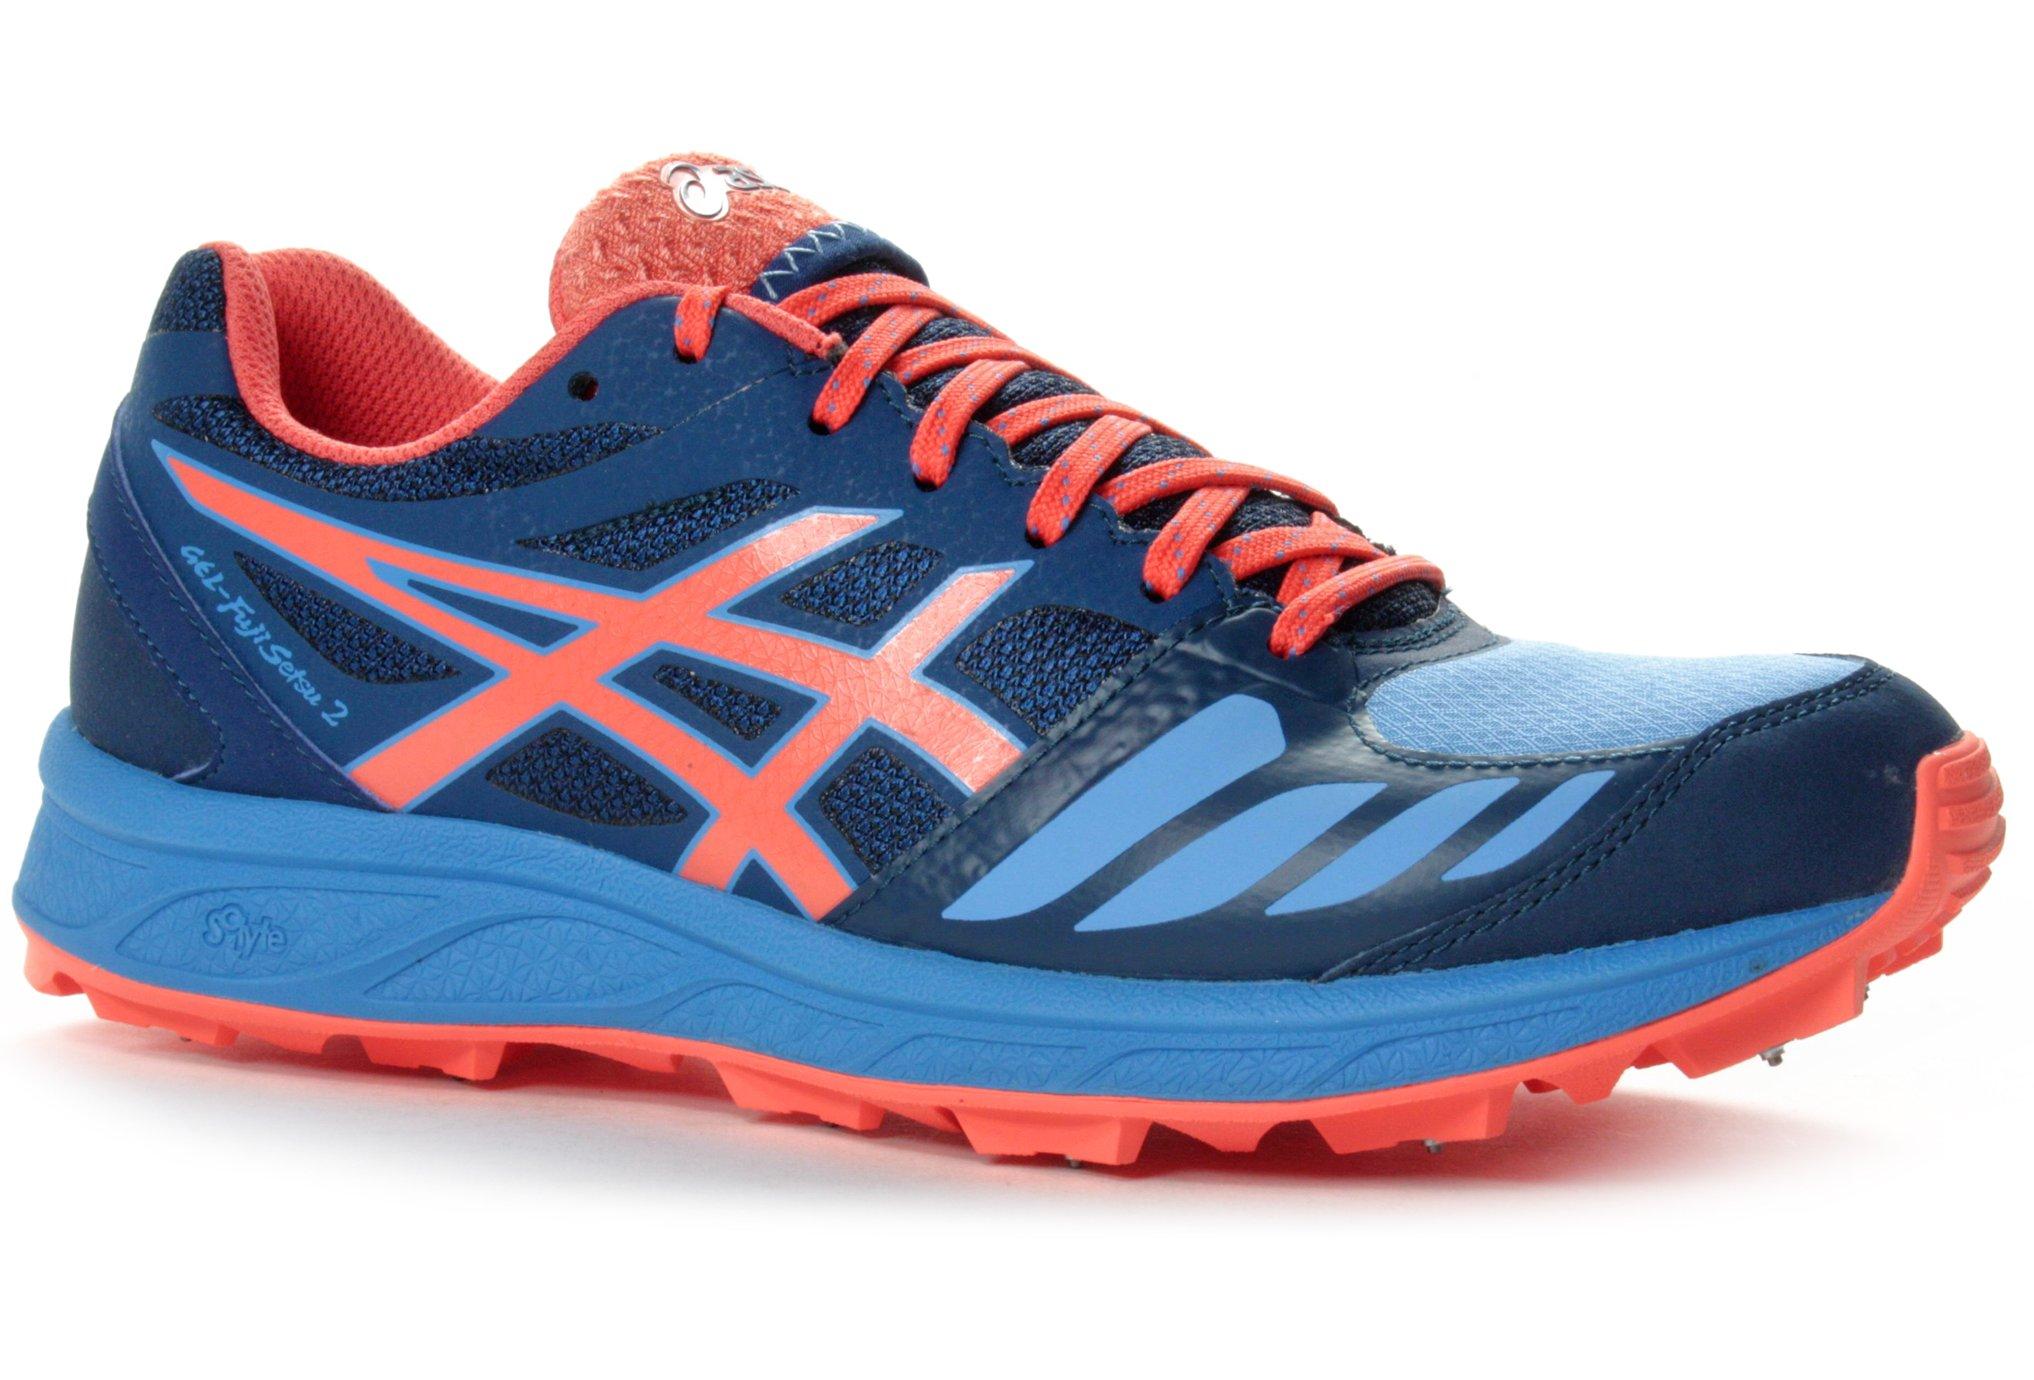 Asics Gel-Fujisetsu 2 w diététique chaussures femme